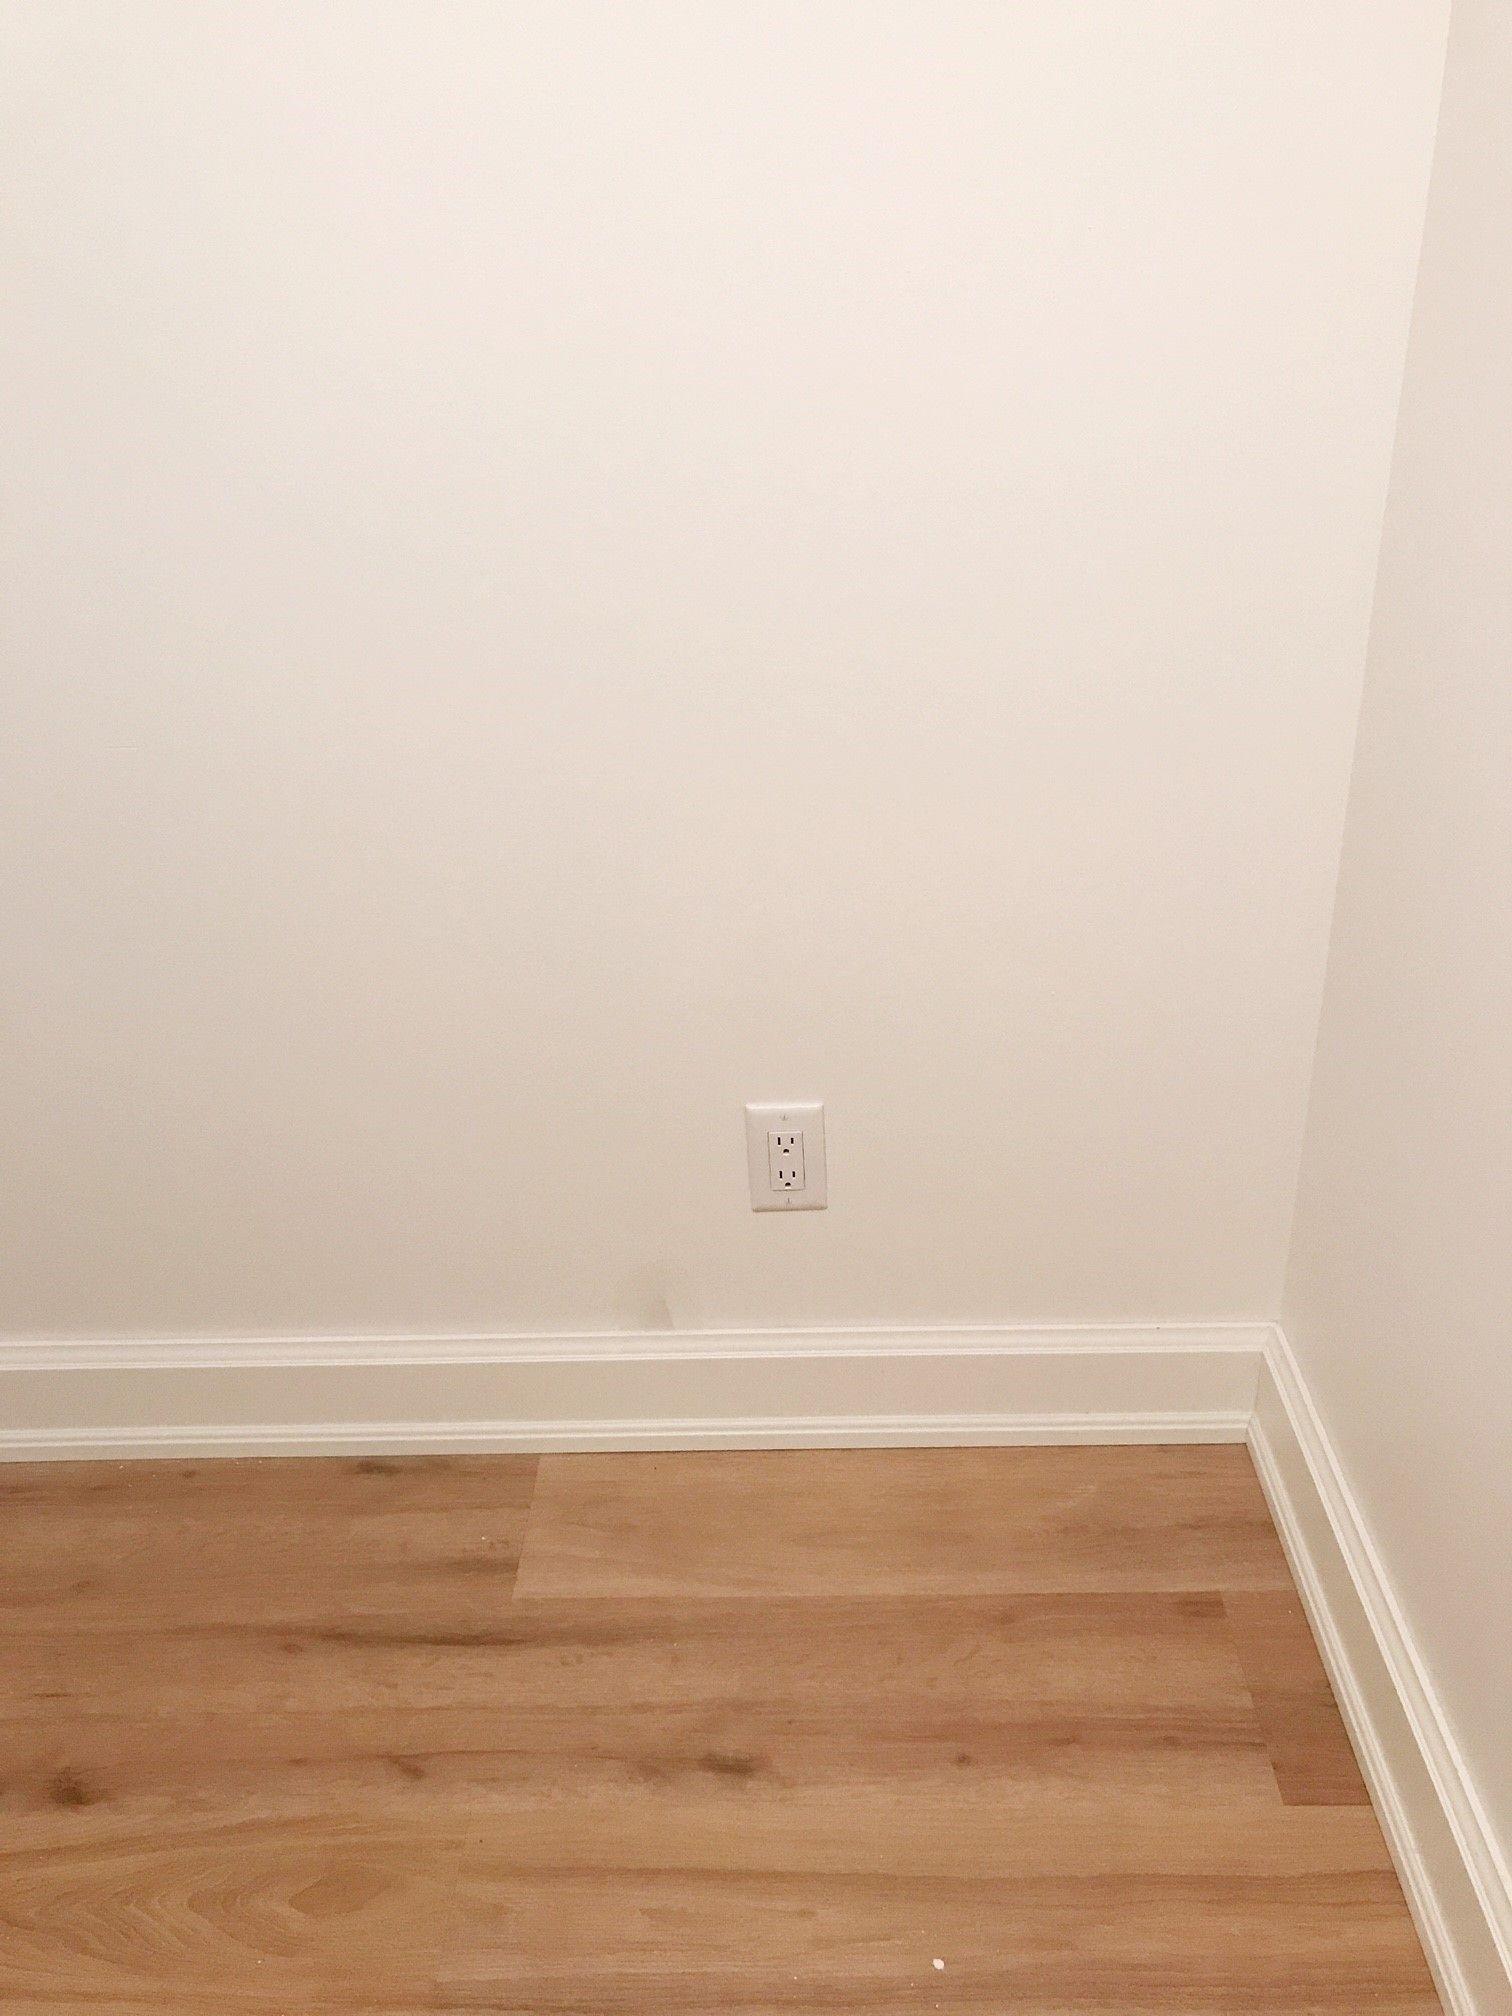 Door Stop Molding